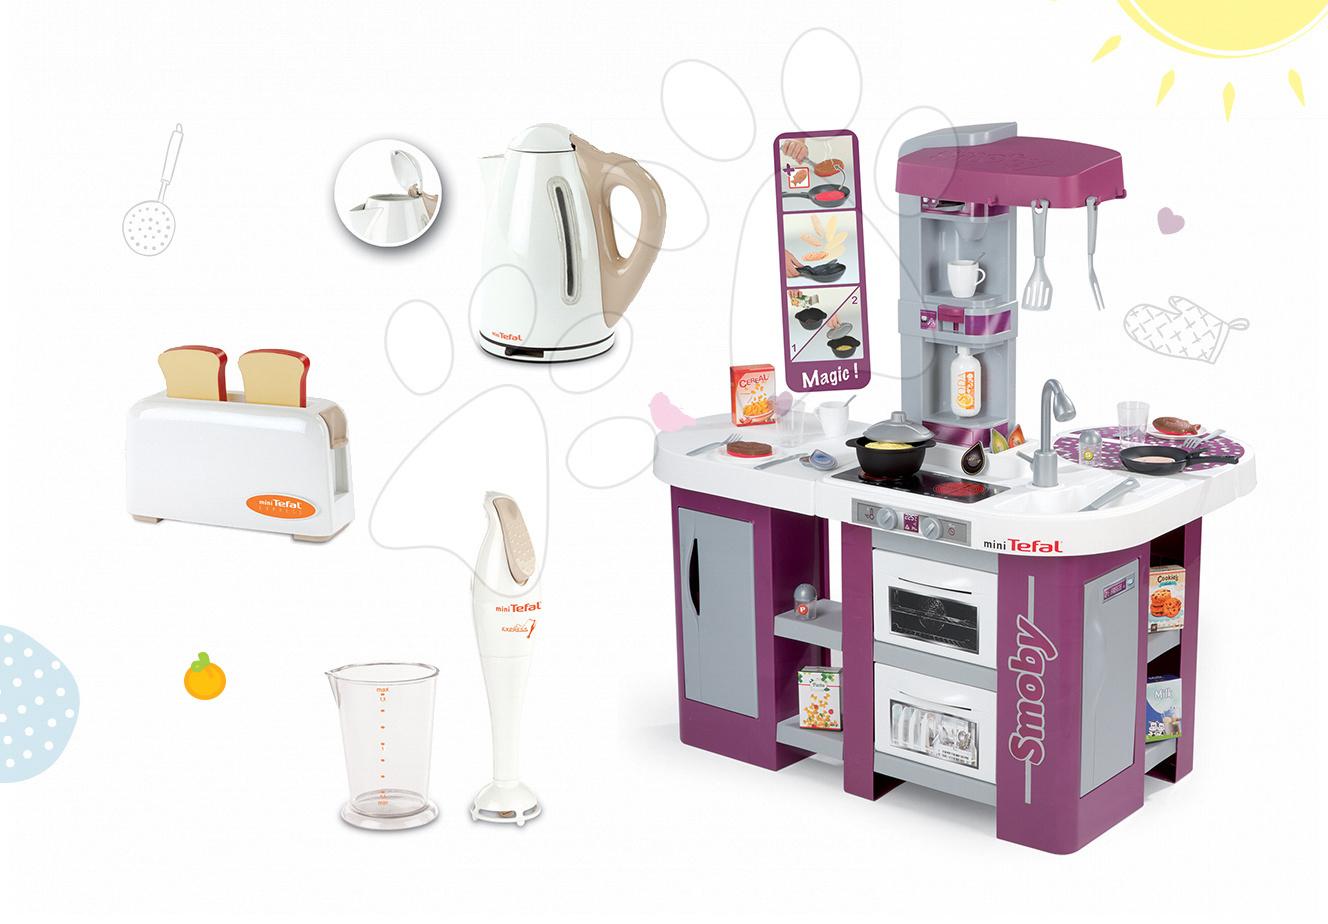 Set dětská kuchyňka Tefal Studio XL Smoby s myčkou nádobí a lednicí a 3 kuchyňské spotřebiče